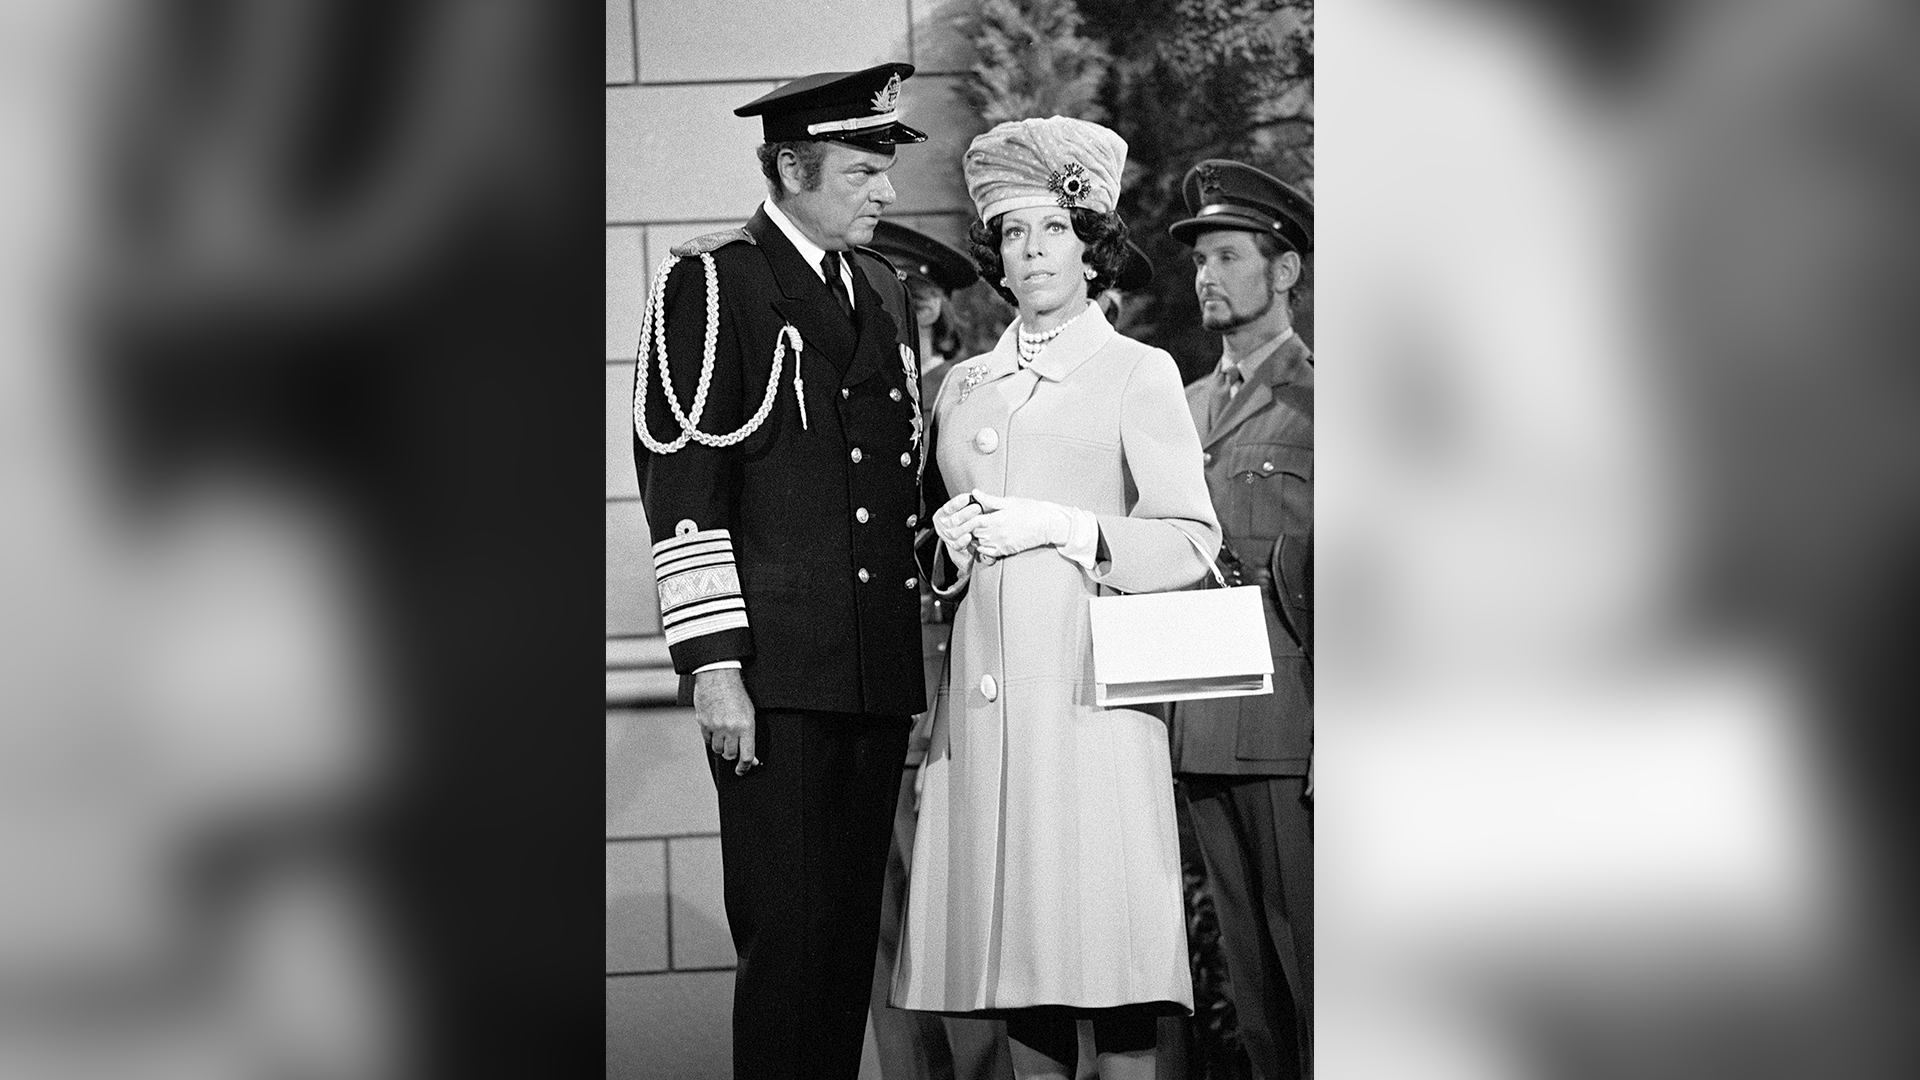 Carol Burnett, looking regal as ever as Queen Elizabeth II, with Harvey Korman as the king.